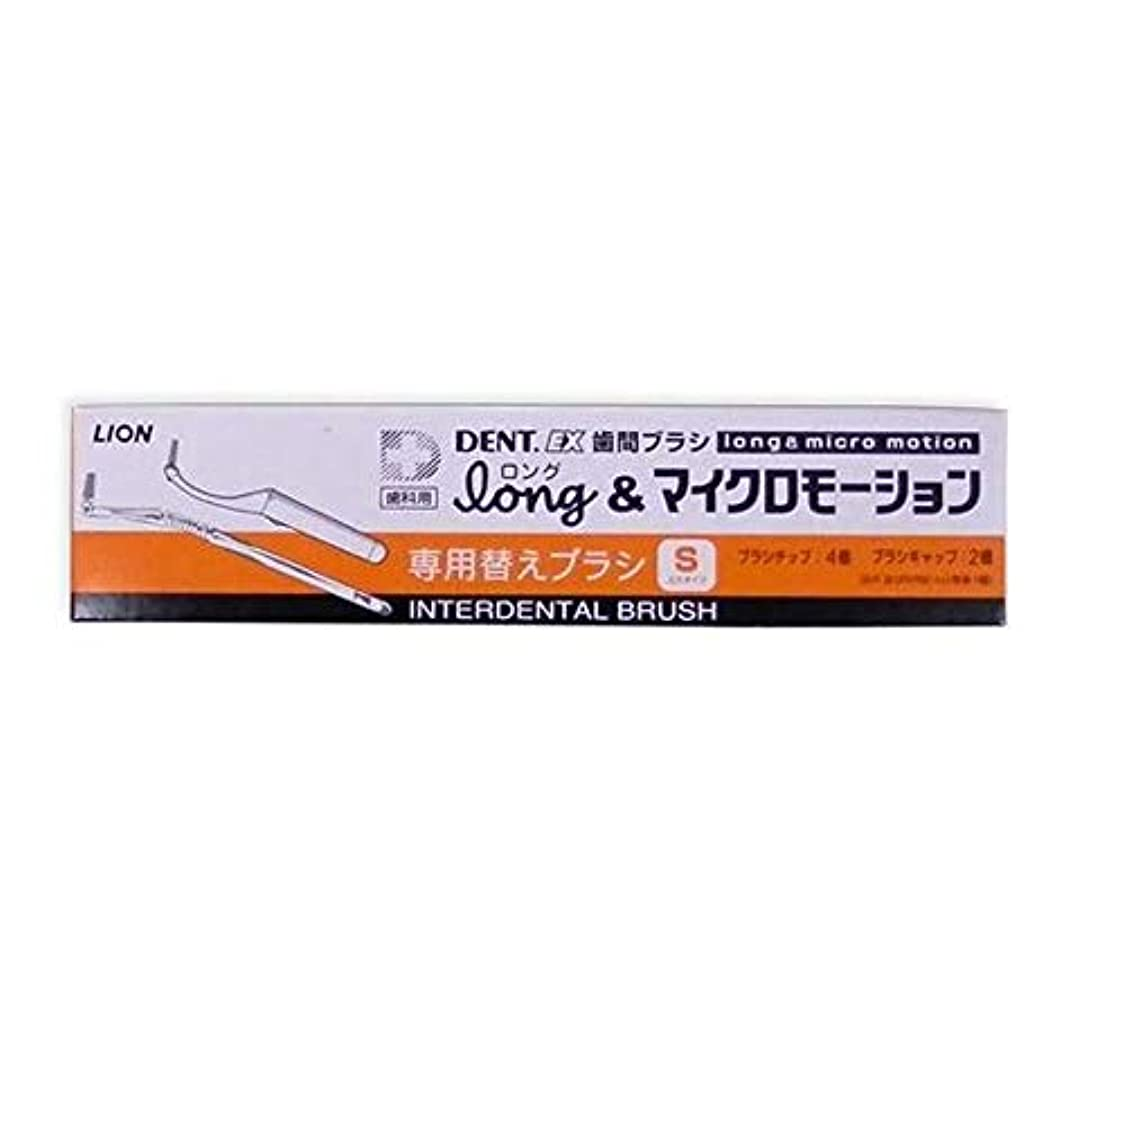 ペダルベスビオ山地上のライオン DENT . EX 歯間ブラシ long ロング & マイクロモーション 専用 替えブラシ 4本入 × 10個 S